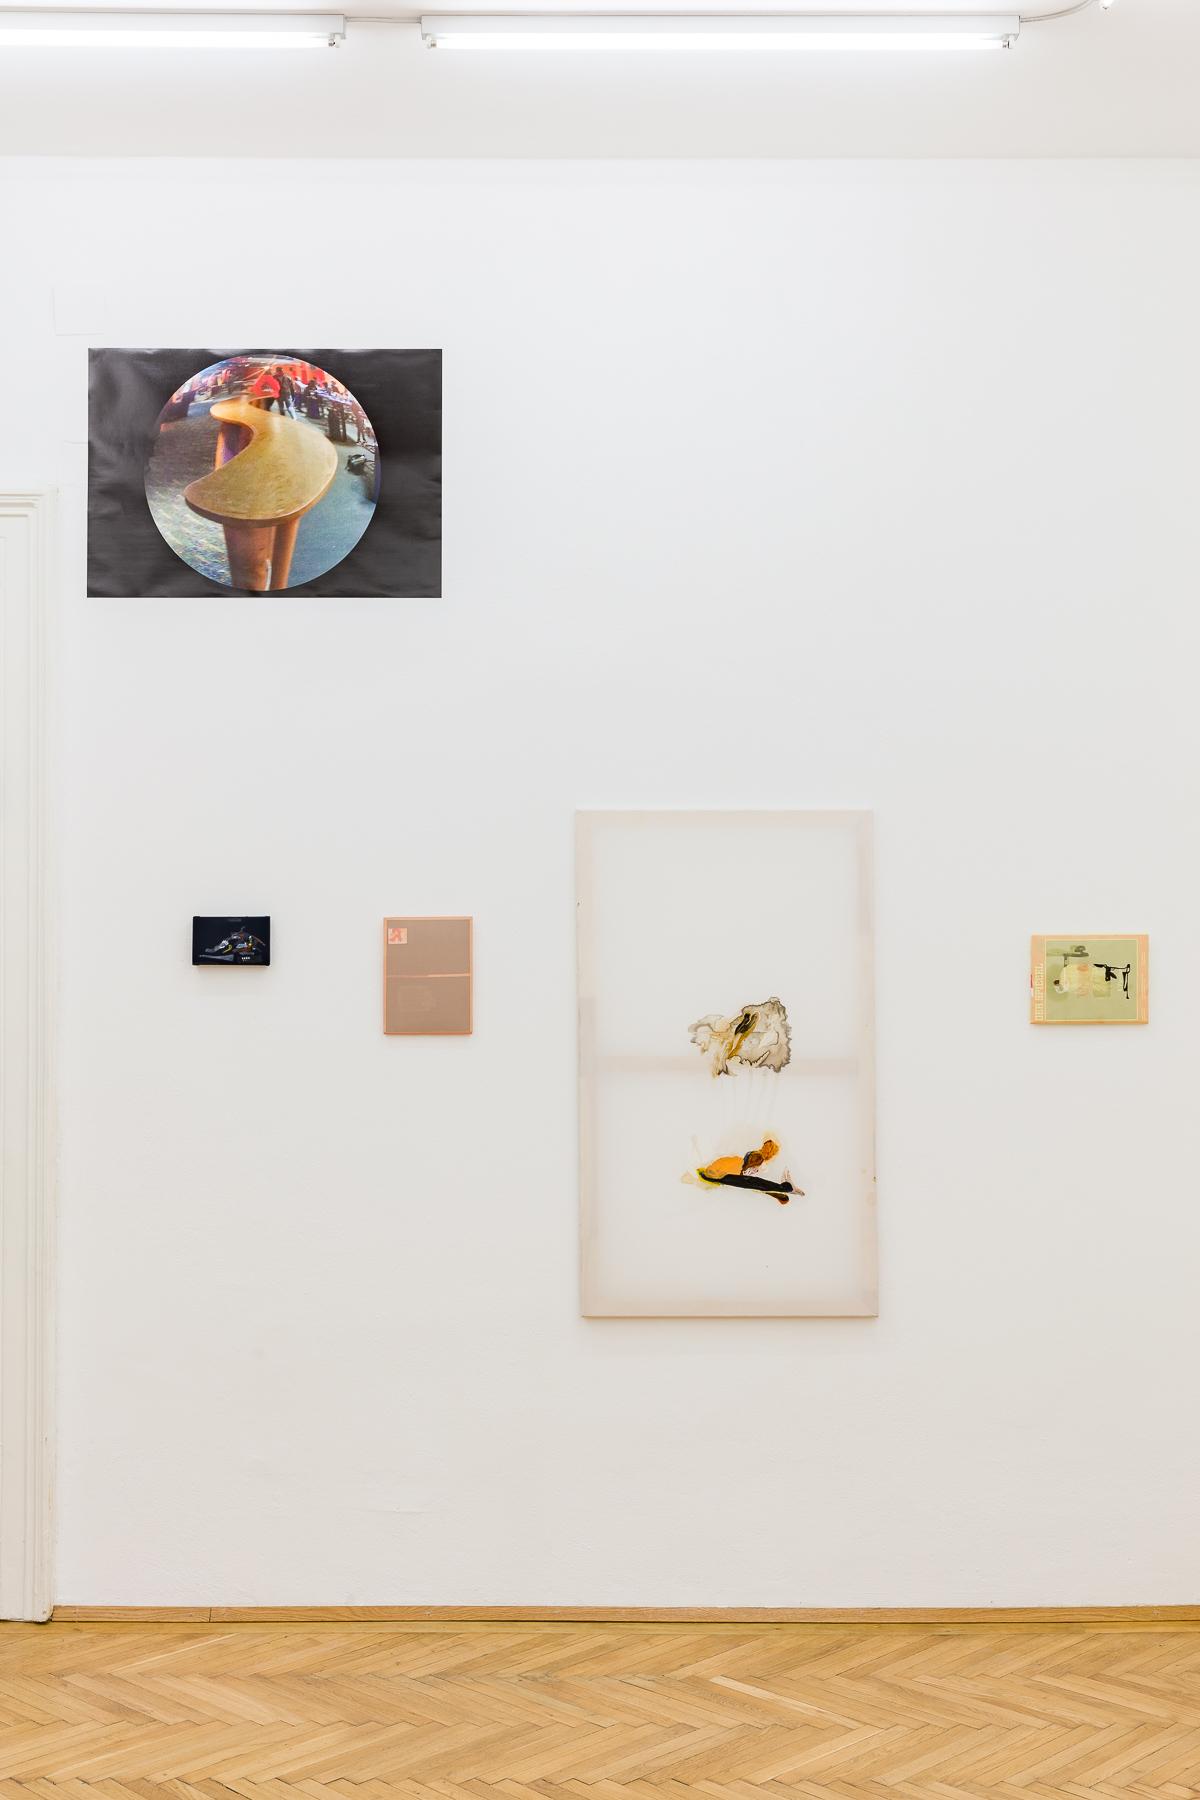 2019_03_13_Groupshow_Felix-Gaudlitz_kunst-dokumentation-com_062_web.jpg